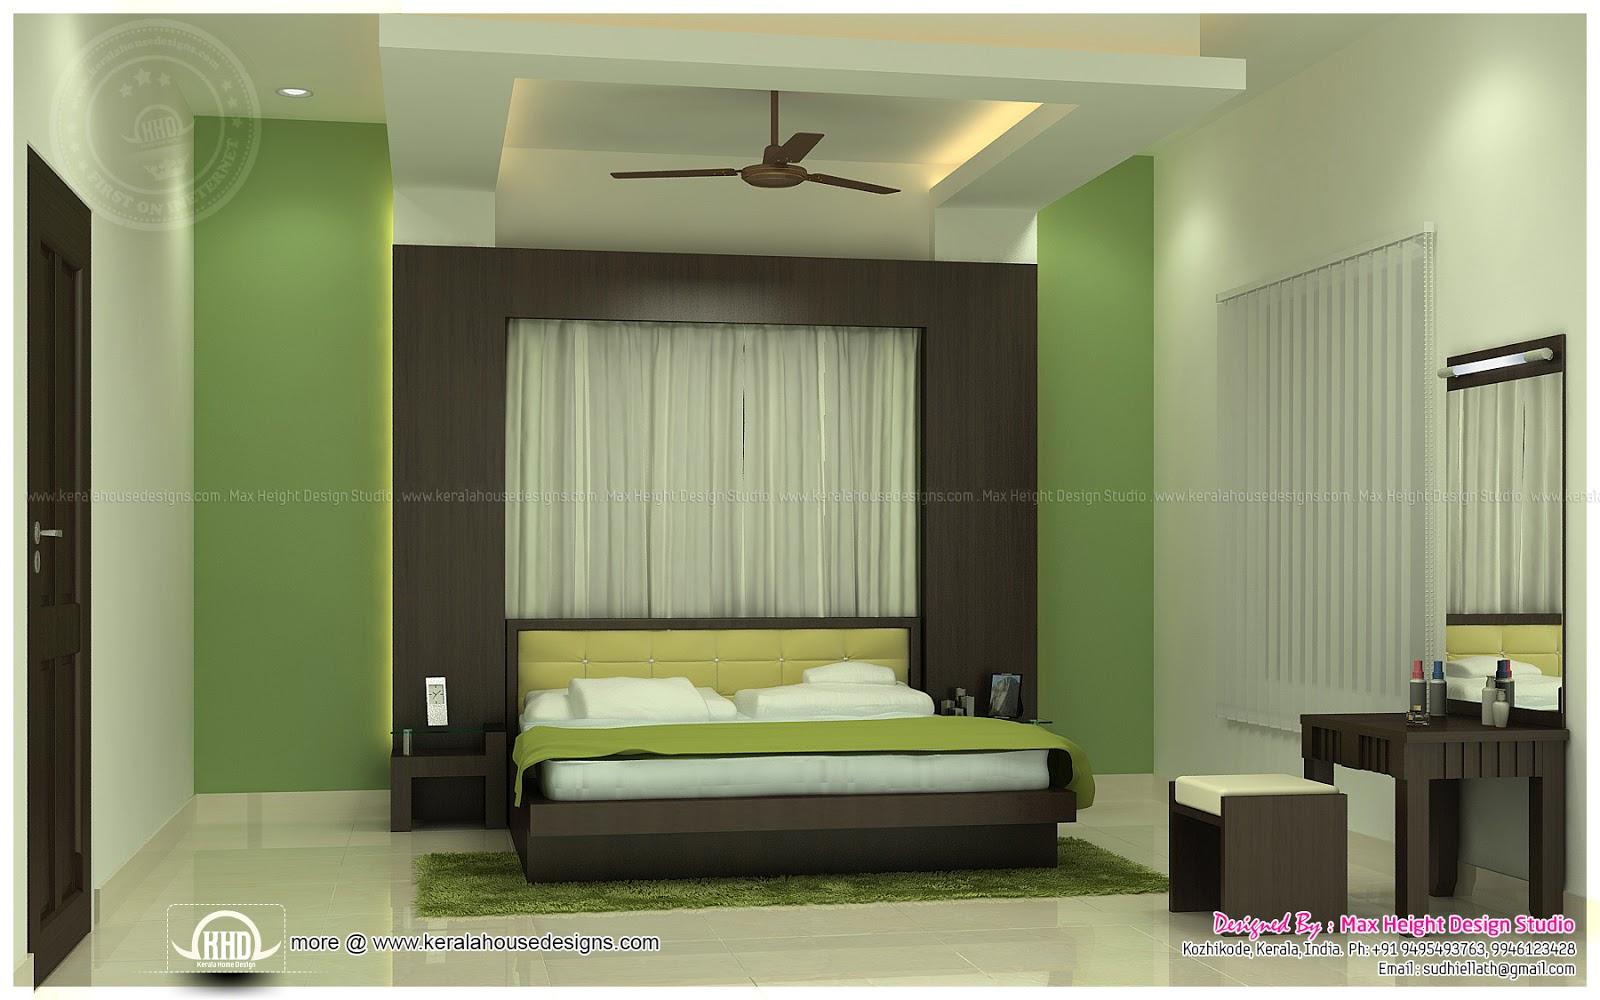 Indian Bedroom Interior Design Pictures Bedroom Designs India